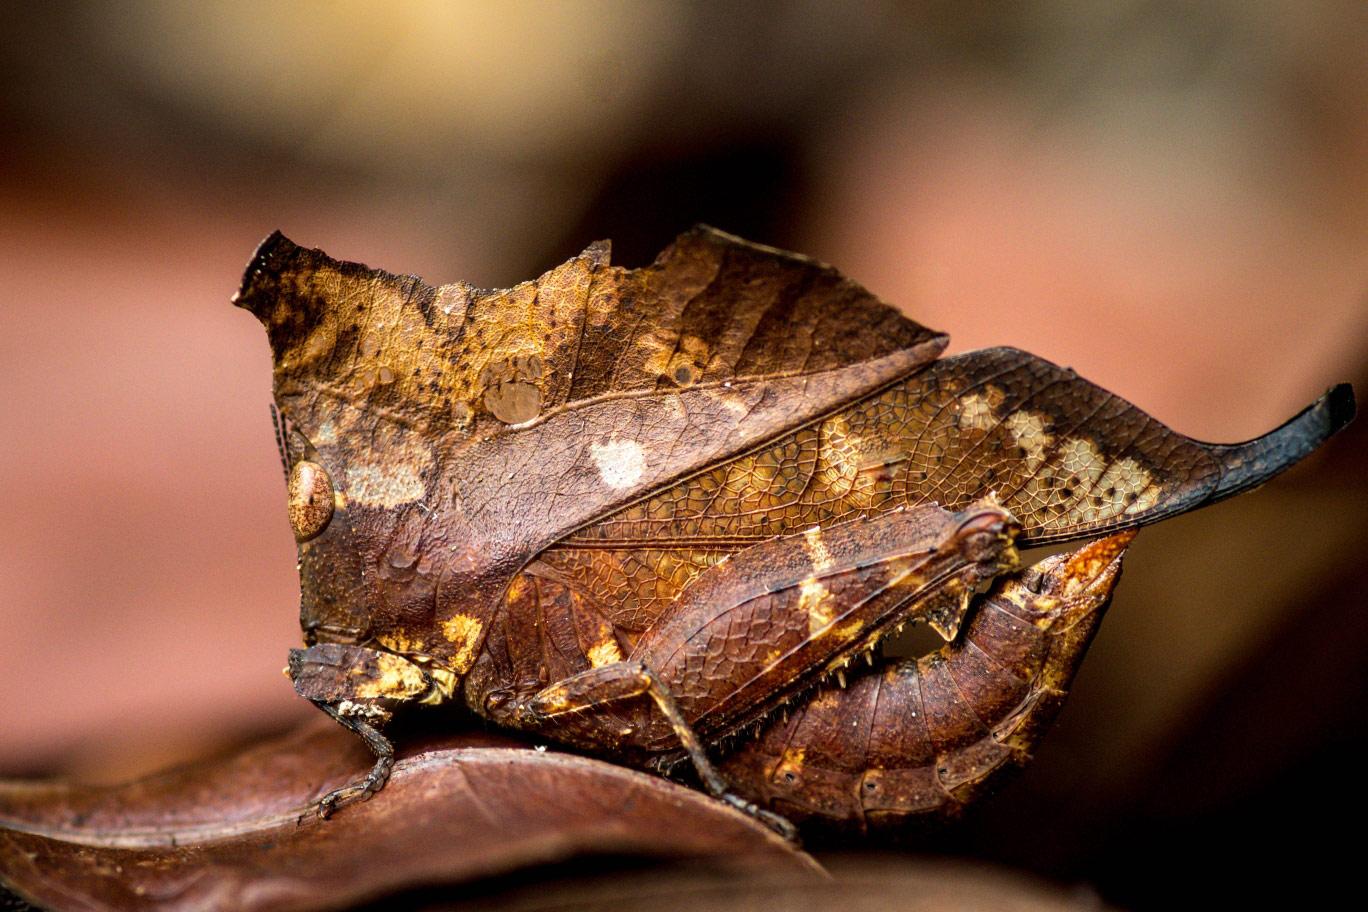 © Гильем Дуво, Мёртвый лист или нет, Фотоконкурс Королевского общества биологии — Royal Society of Biology